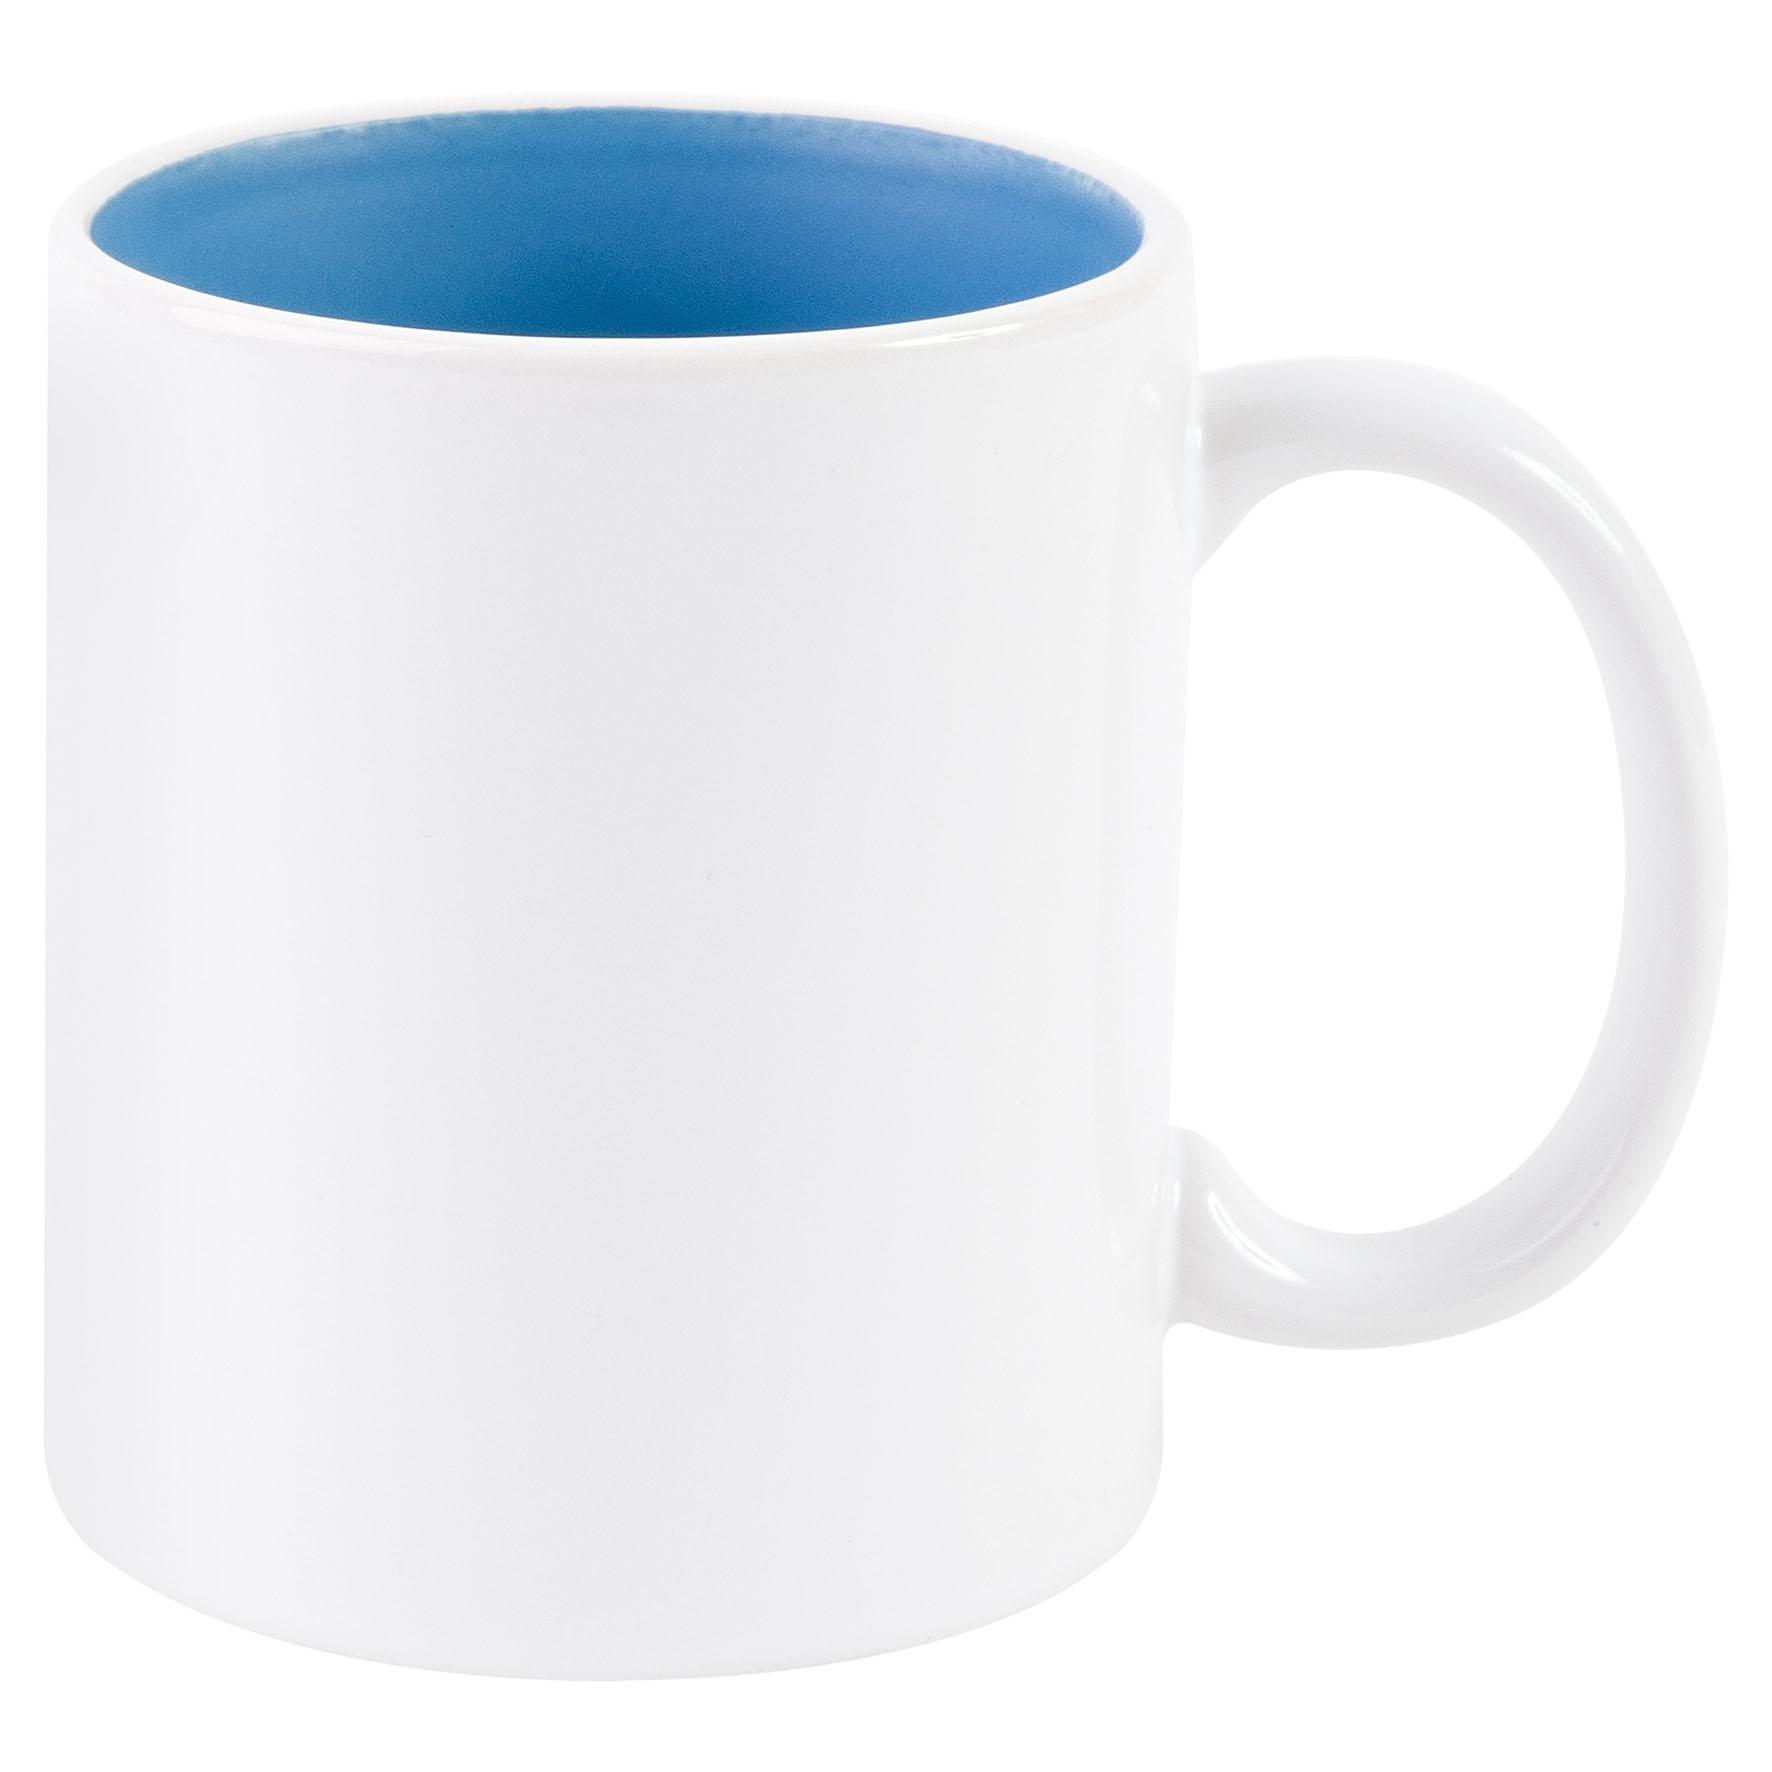 Cadeau promotionnel Mug publicitaire Bicolore pour sublimation 31 cl